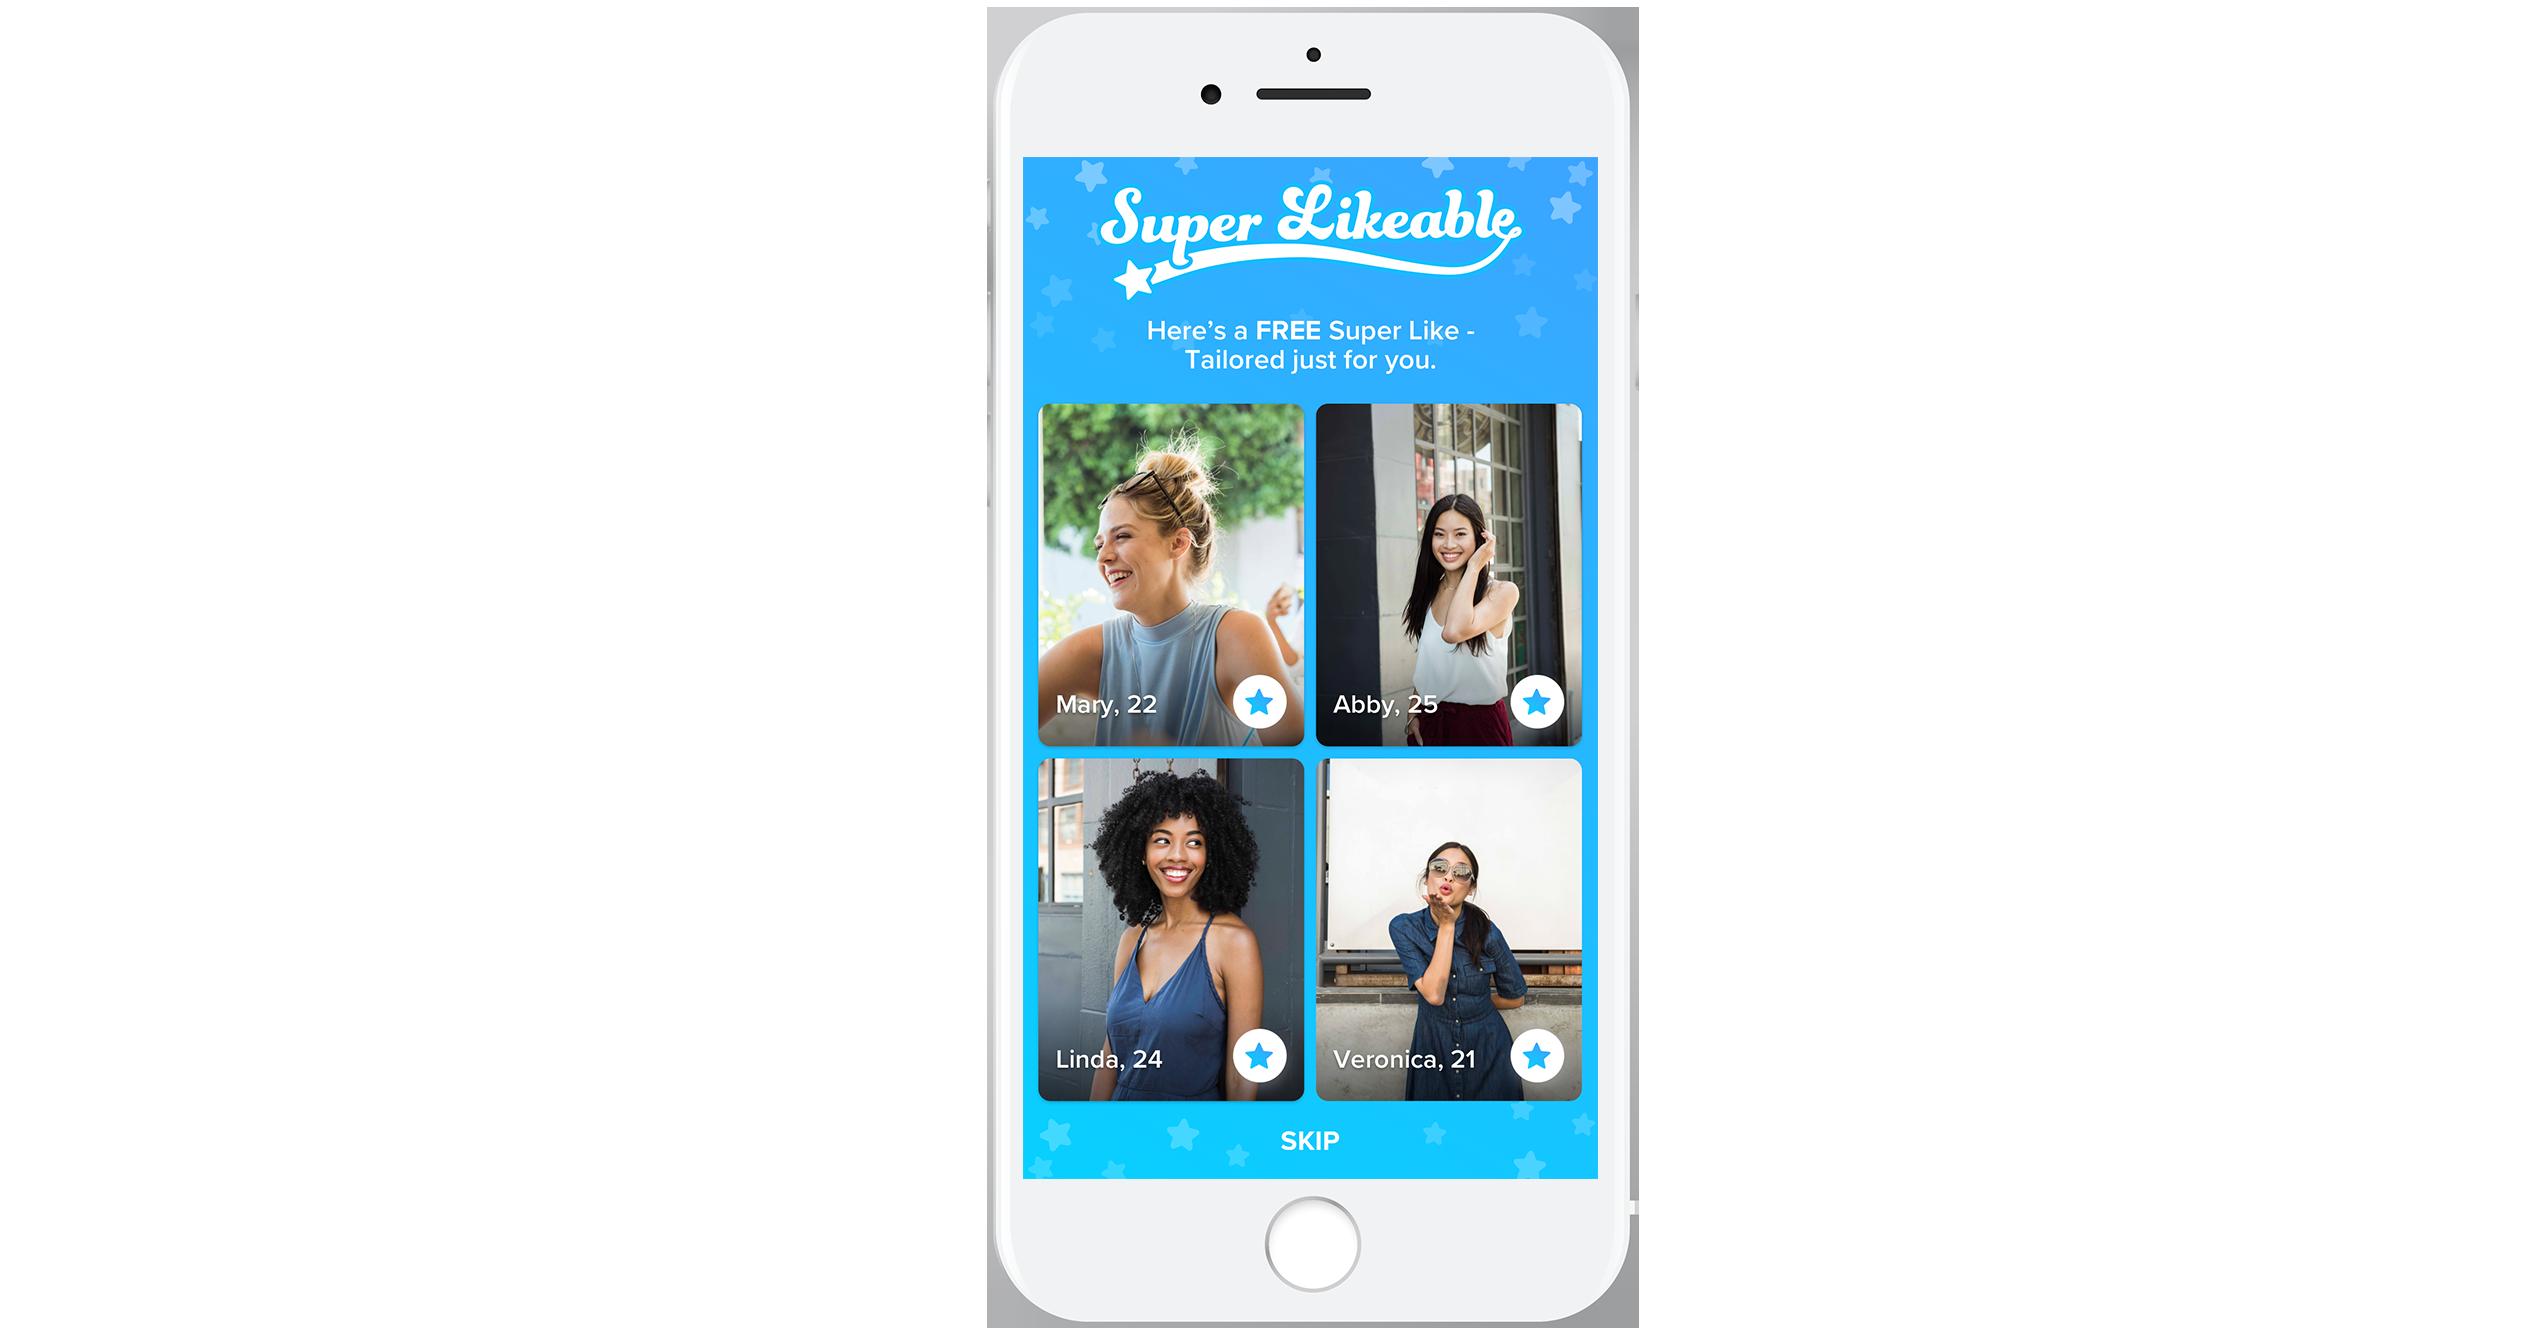 nakne svenske damer tinder app download